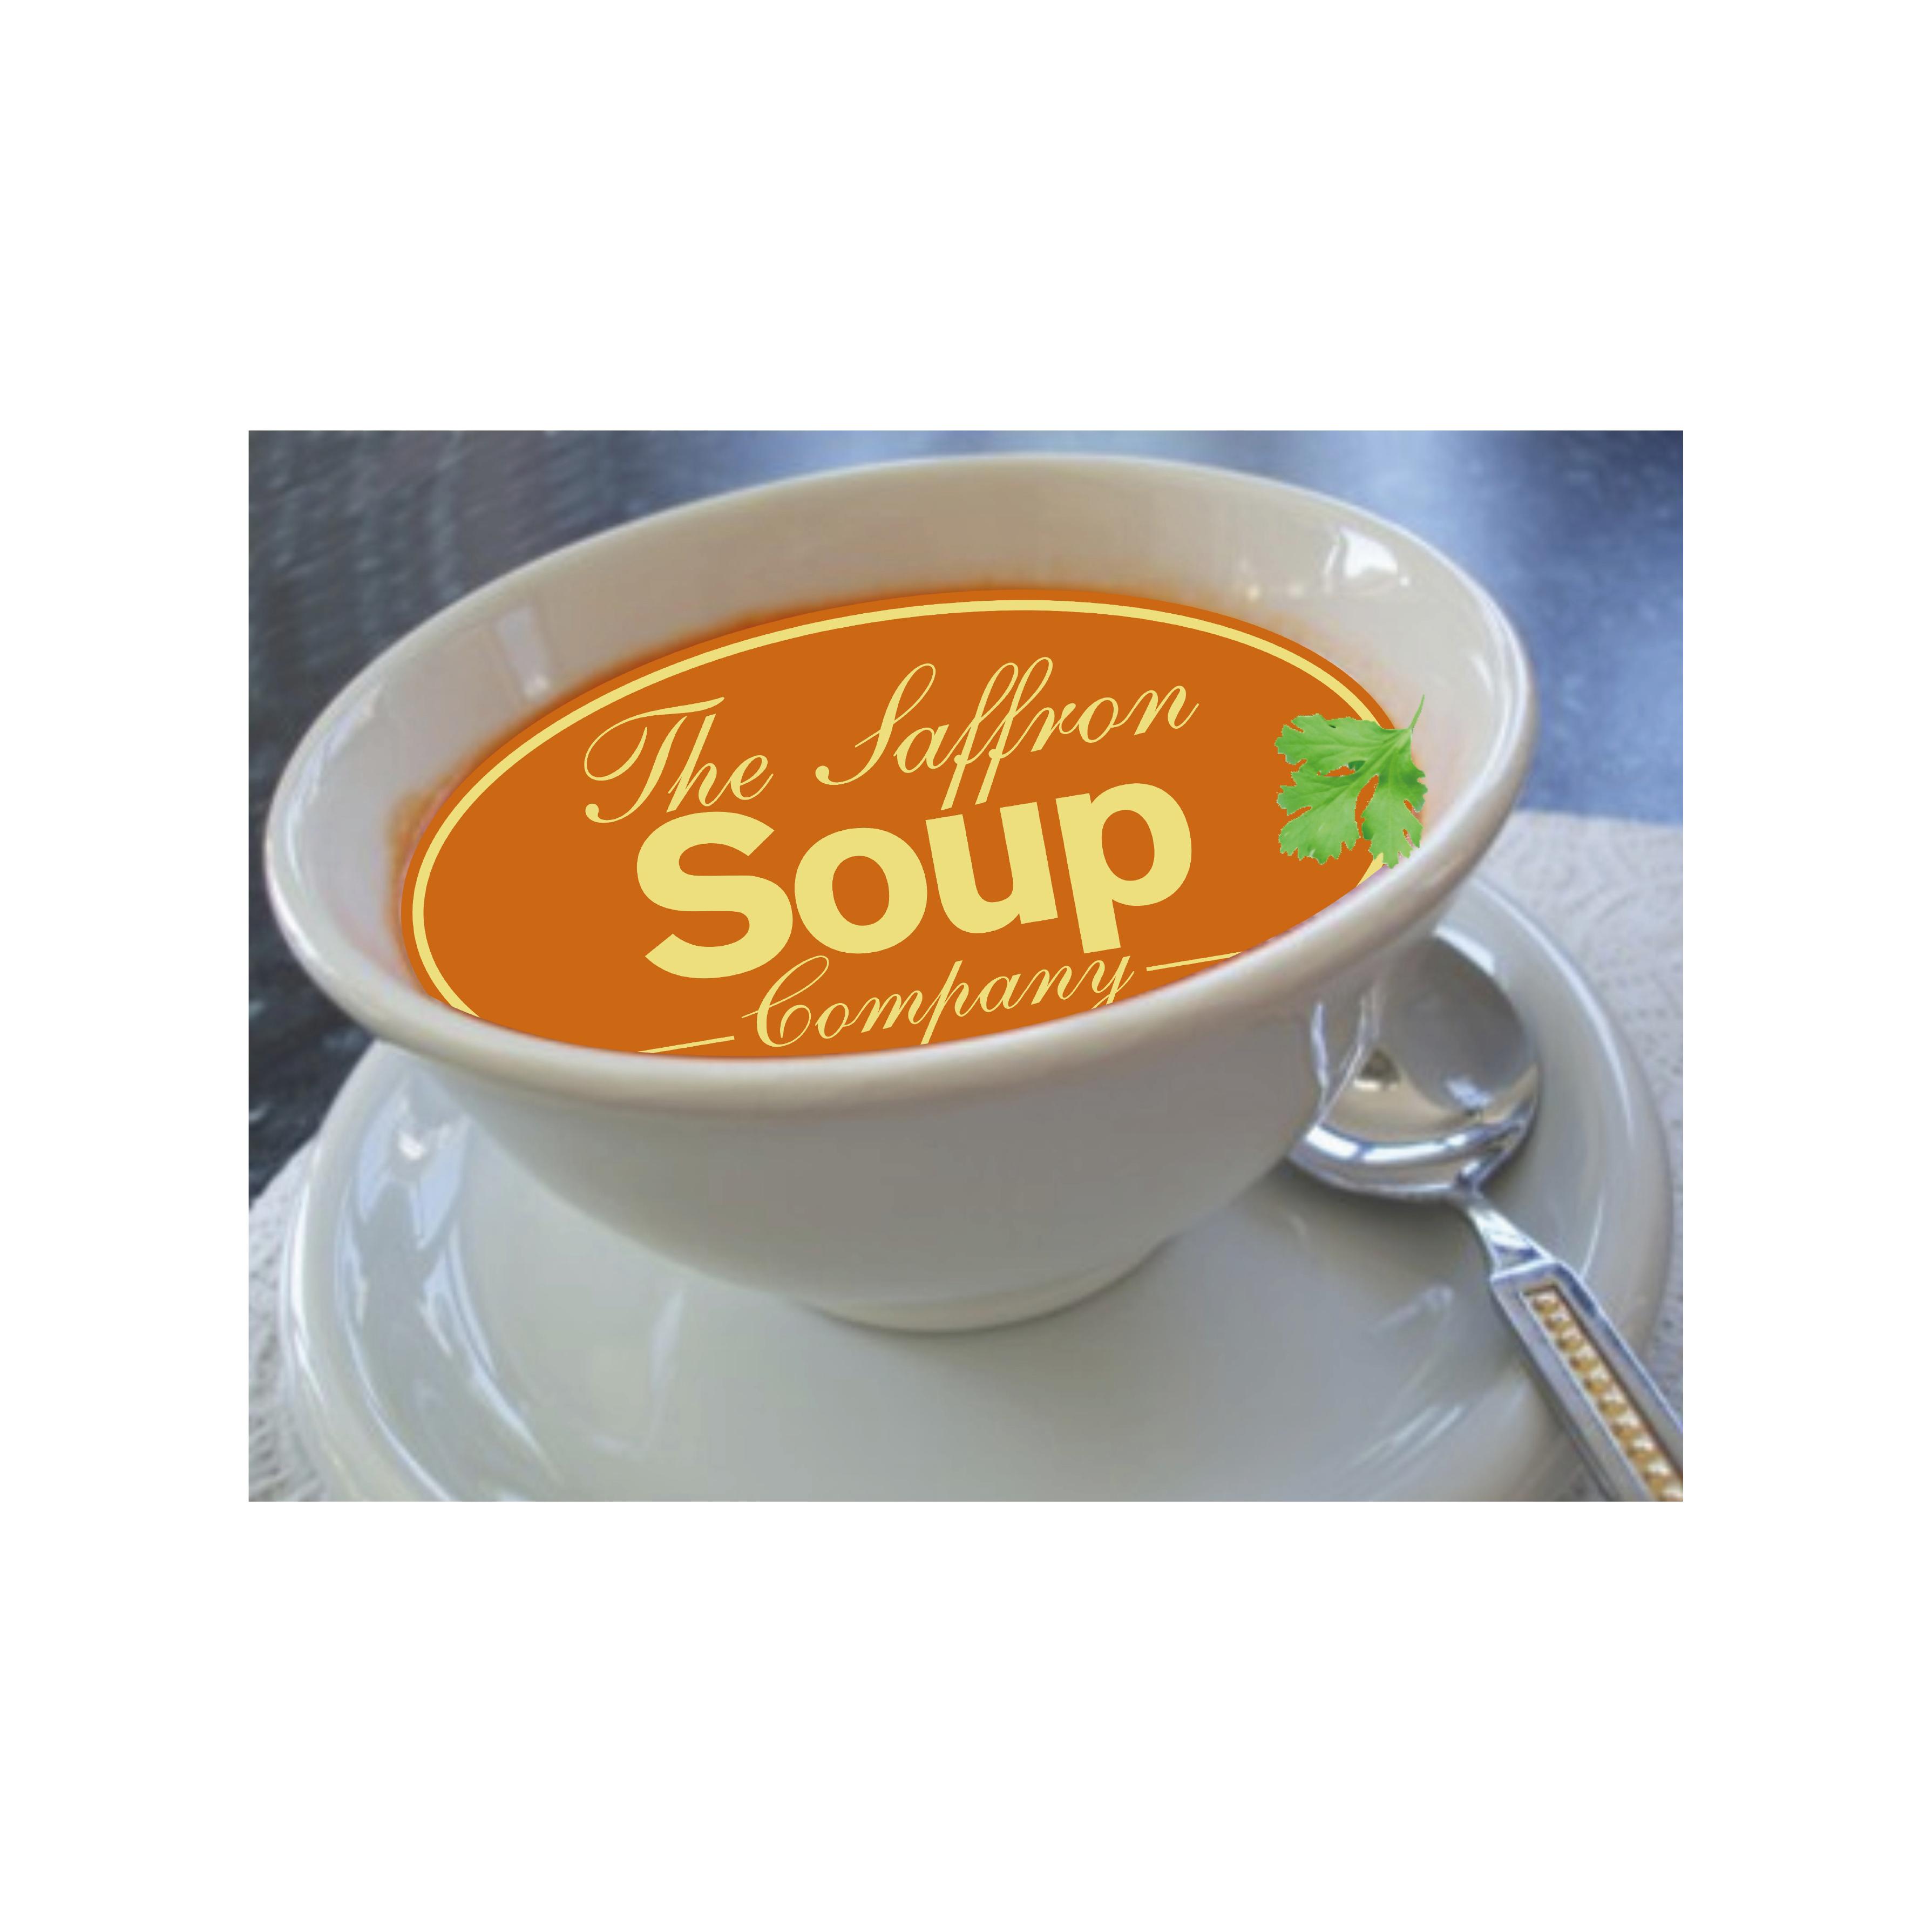 The Saffron Soup Co